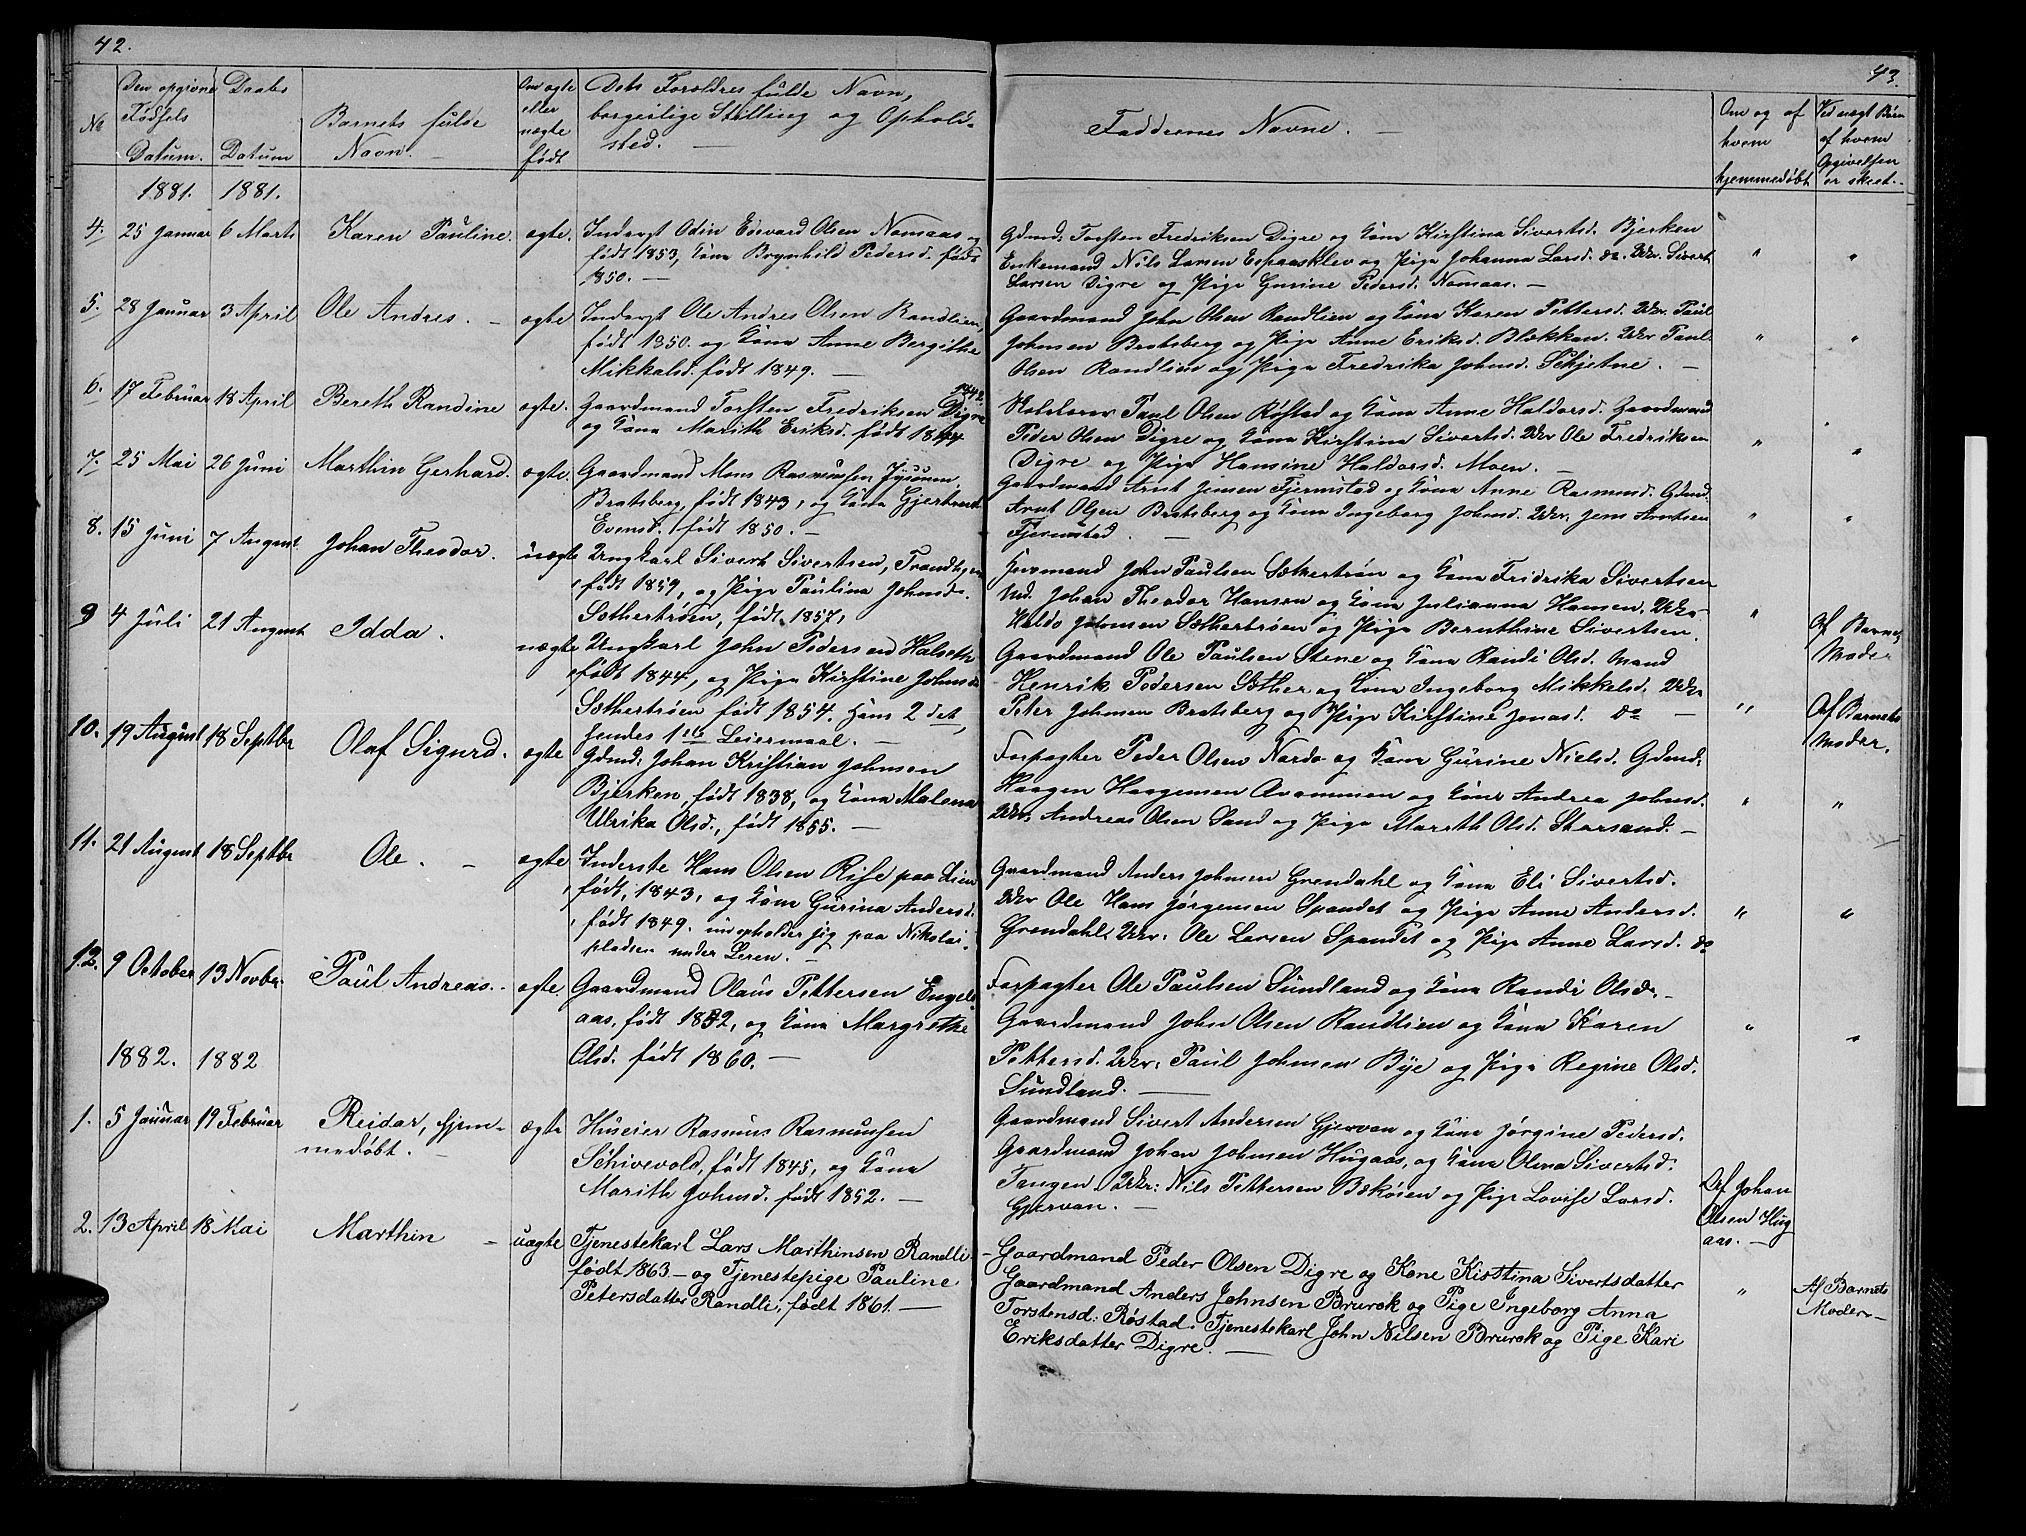 SAT, Ministerialprotokoller, klokkerbøker og fødselsregistre - Sør-Trøndelag, 608/L0340: Klokkerbok nr. 608C06, 1864-1889, s. 42-43